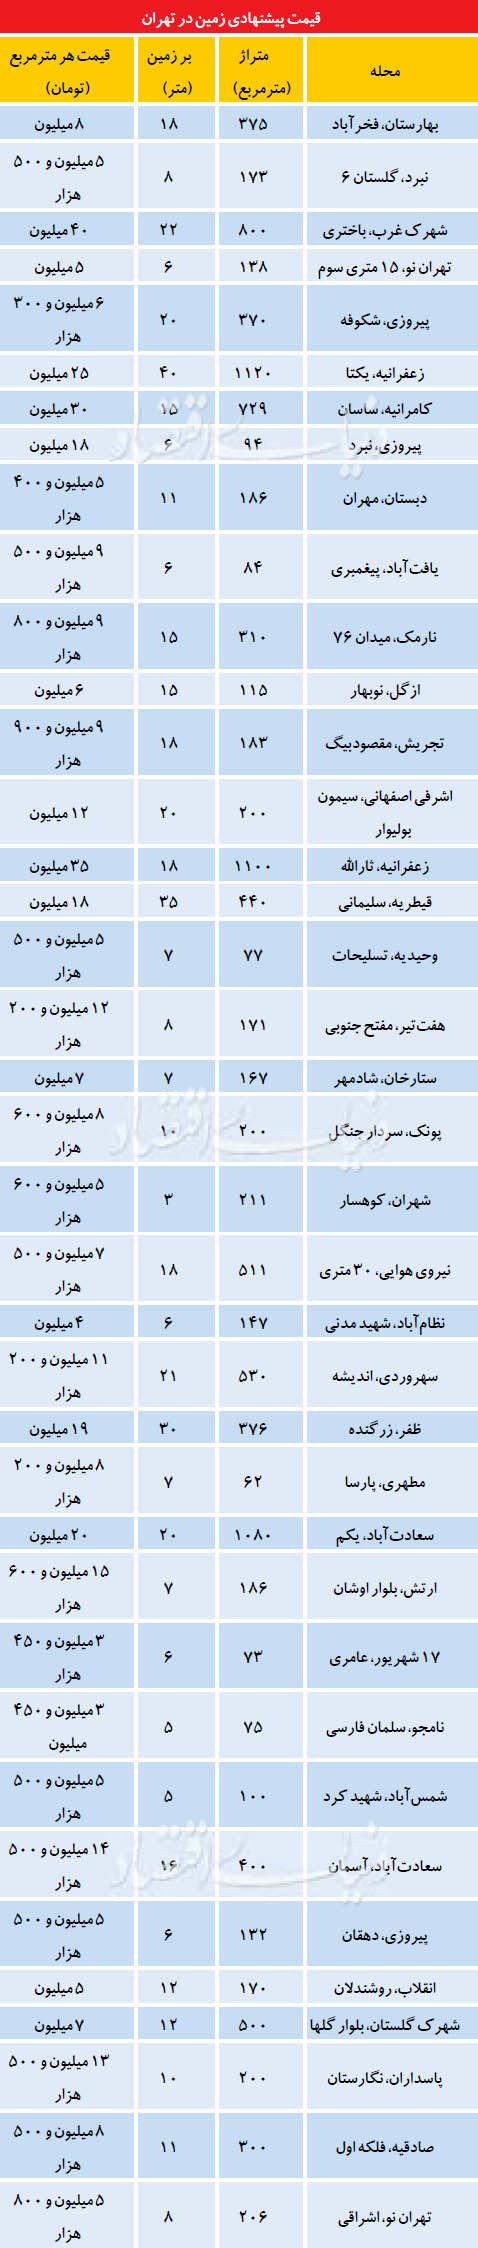 وضعیت بازار املاک کلنگی در تهران